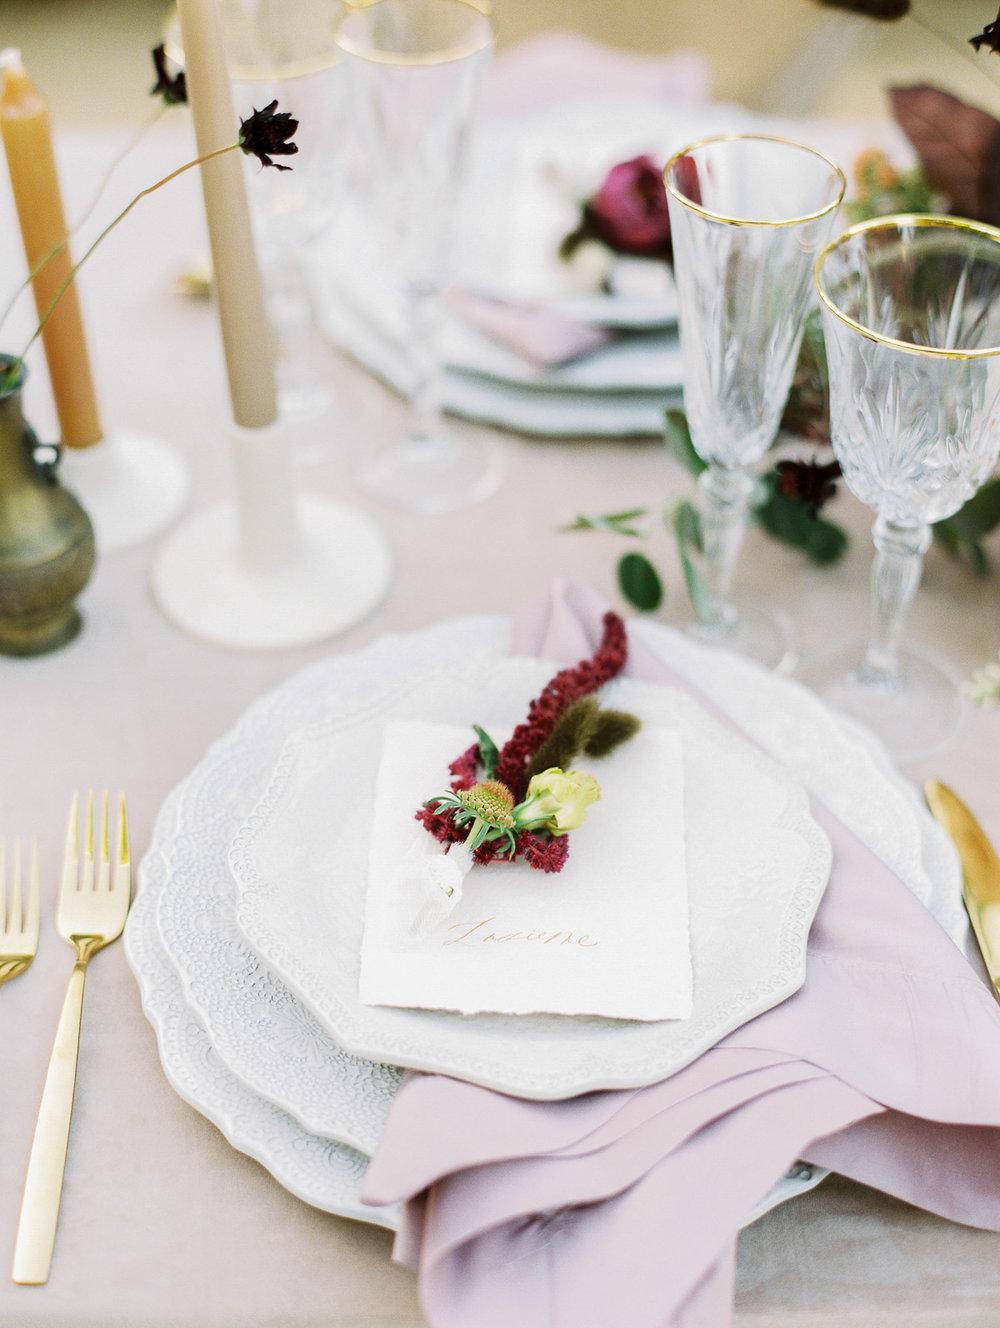 kestrel-park-wedding-photographer-29.jpg